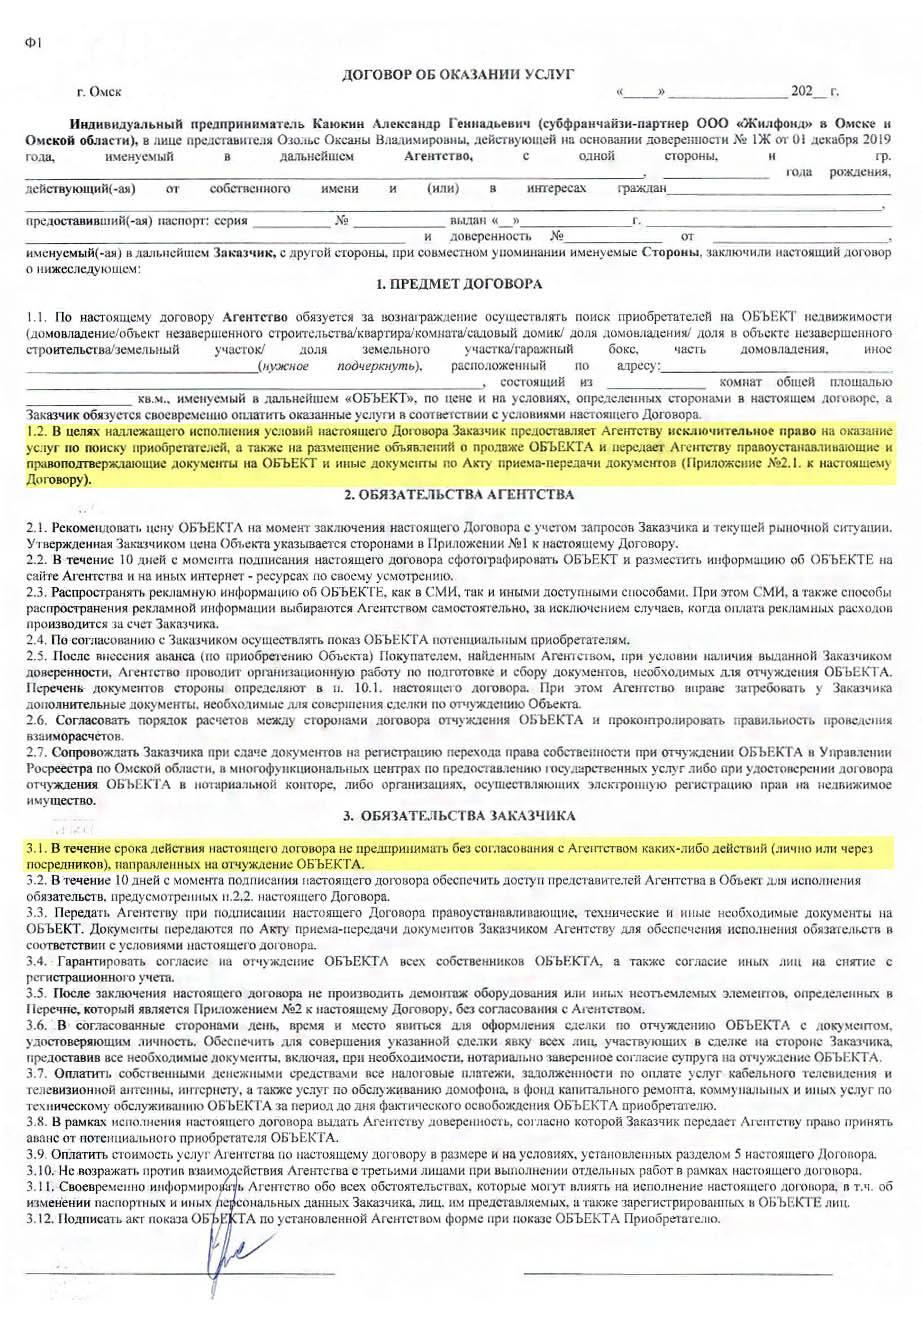 Эксклюзивный договор отличается формулировками, как в пунктах 1.2 и 3.1